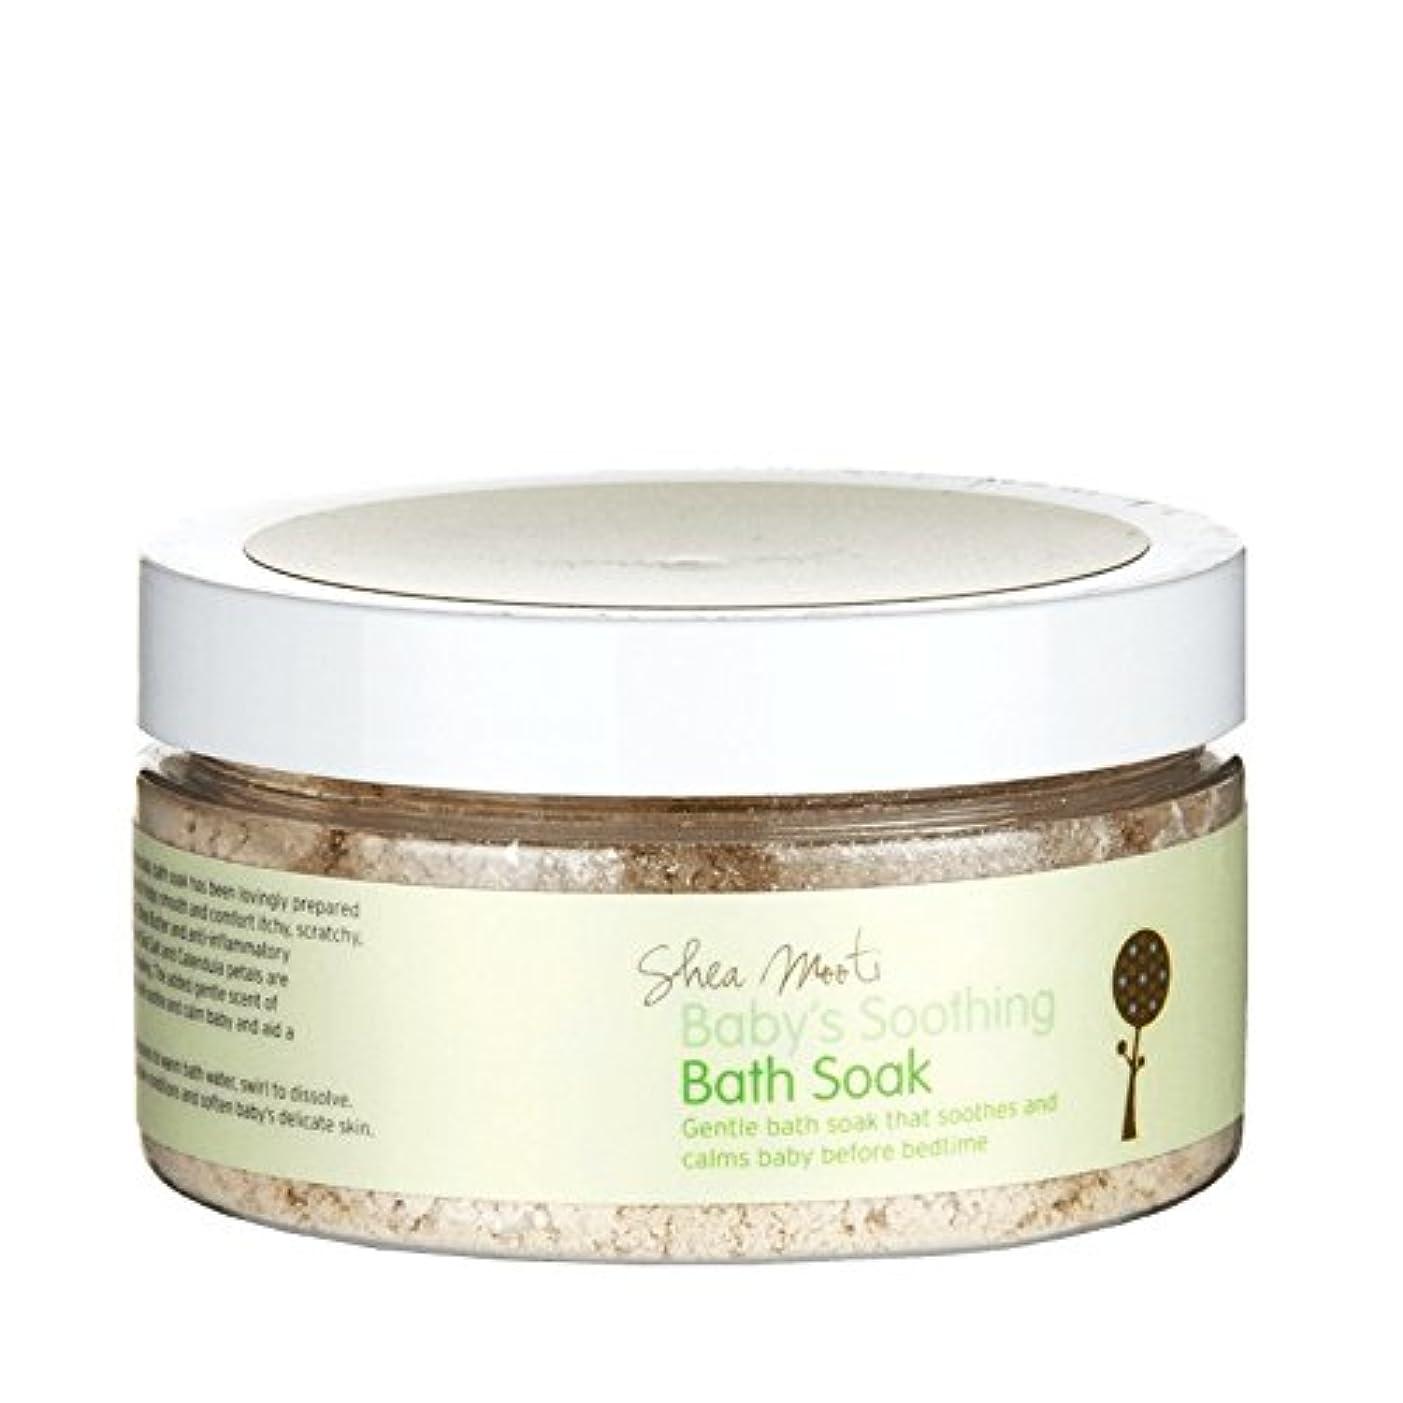 領収書心配するゴネリルShea Mooti Baby's Soothing Bath Soak 130g (Pack of 6) - シアバターMooti赤ちゃんの癒しのお風呂は、130グラムを浸し (x6) [並行輸入品]